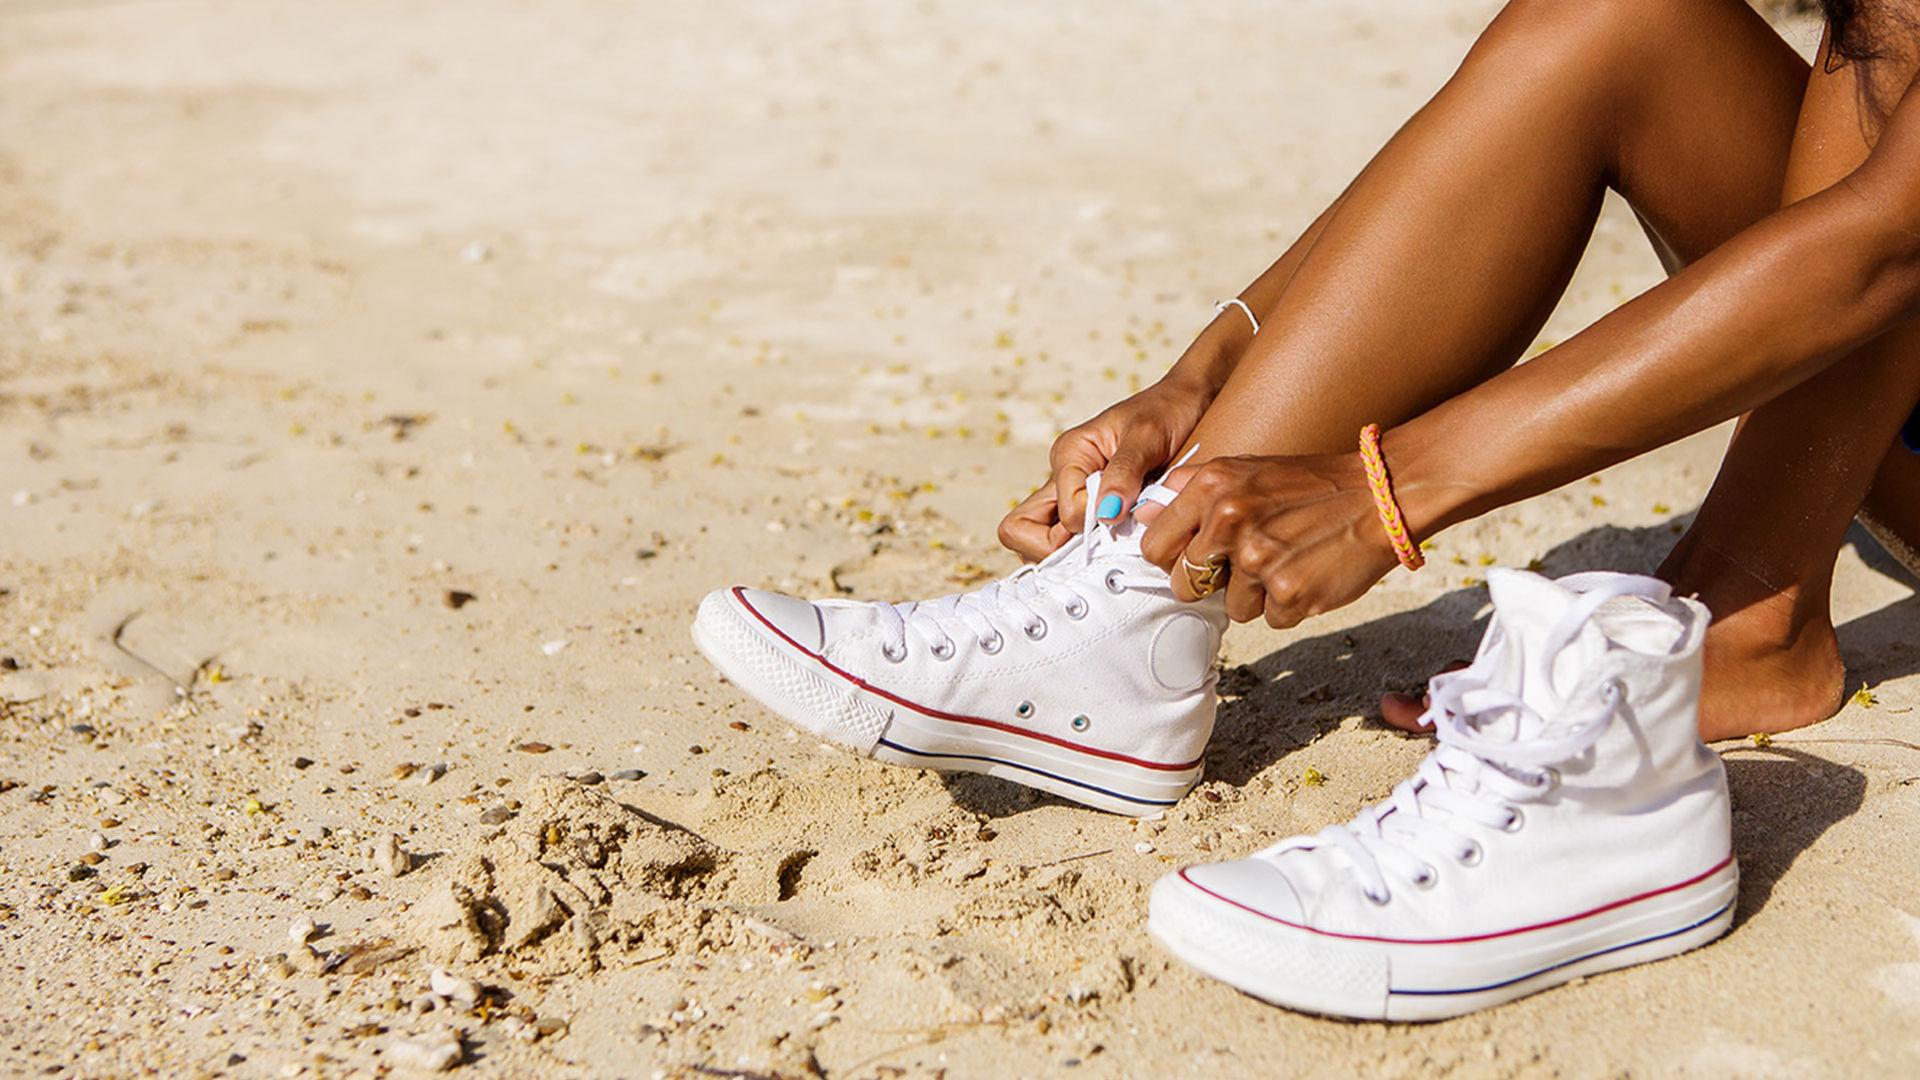 Kıyafete Uygun Ayakkabı Seçimi Nasıl Olmalıdır